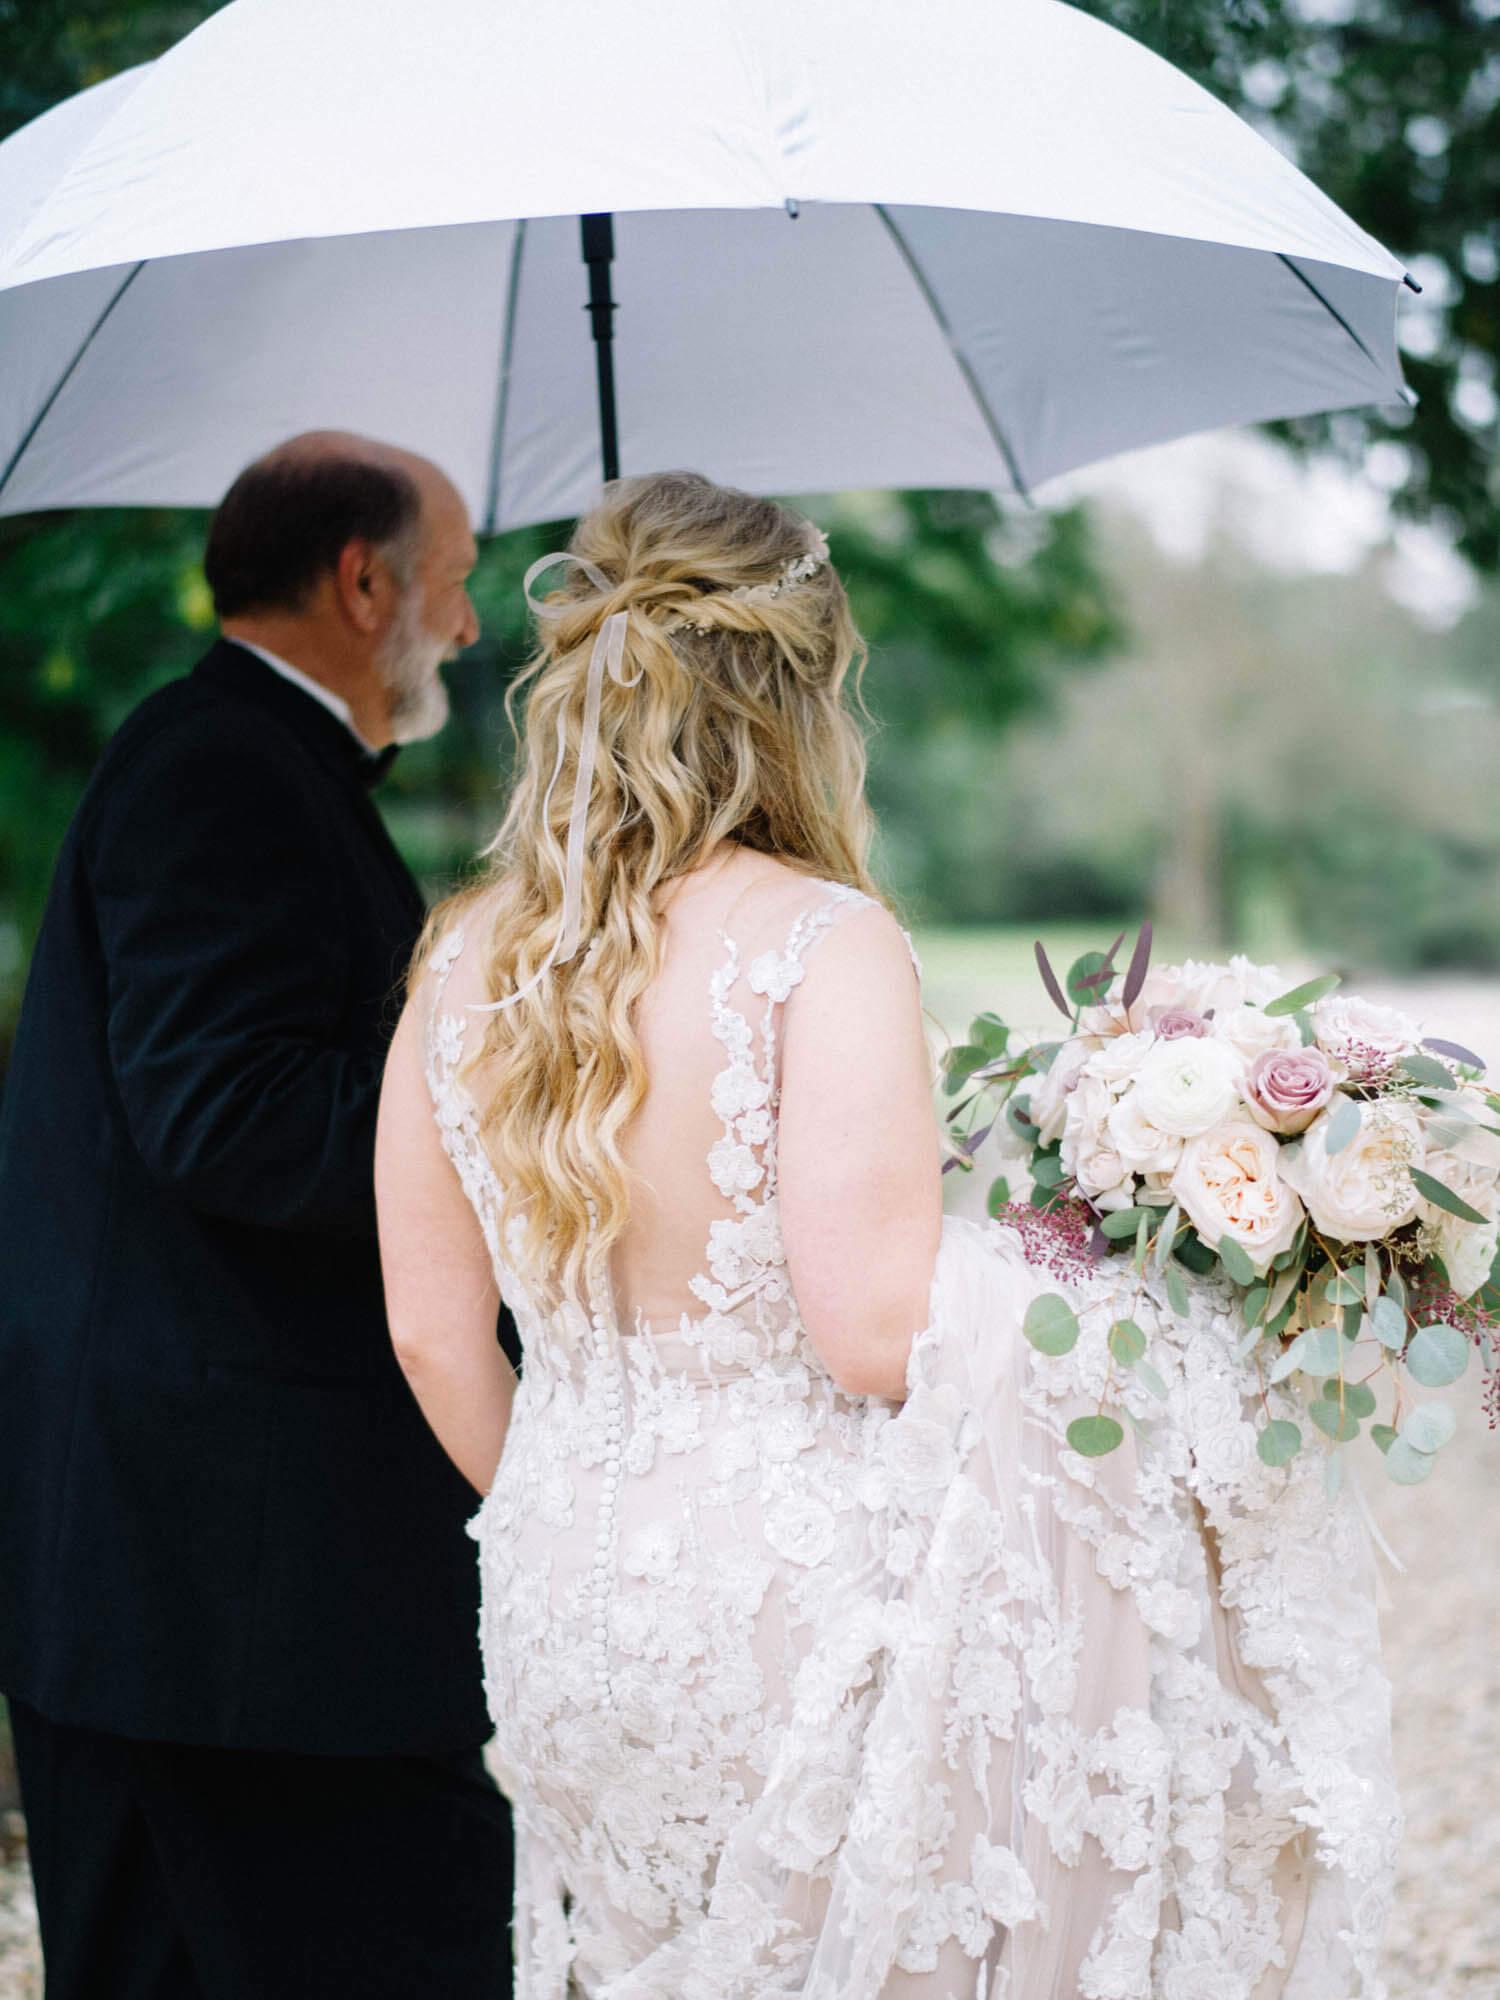 eunice la wedding photographer